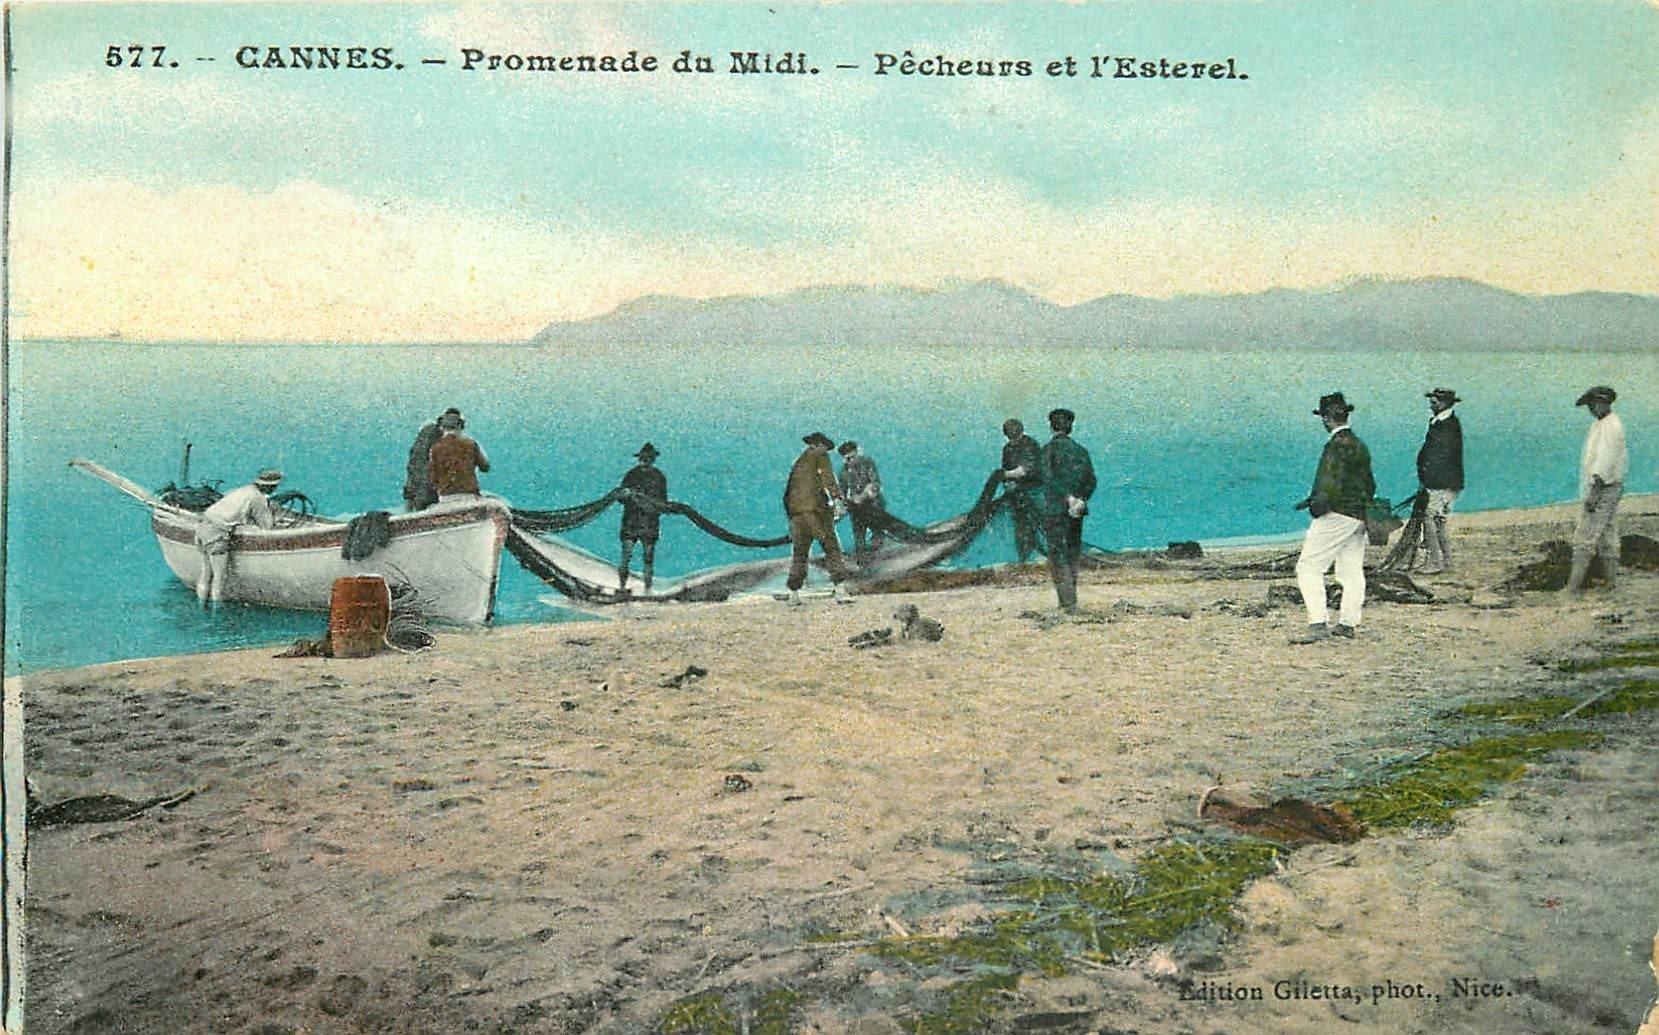 06 CANNES. Pêcheurs et l'Esterel sur la Promenade du Midi. Le Tirage des filets de Pêche